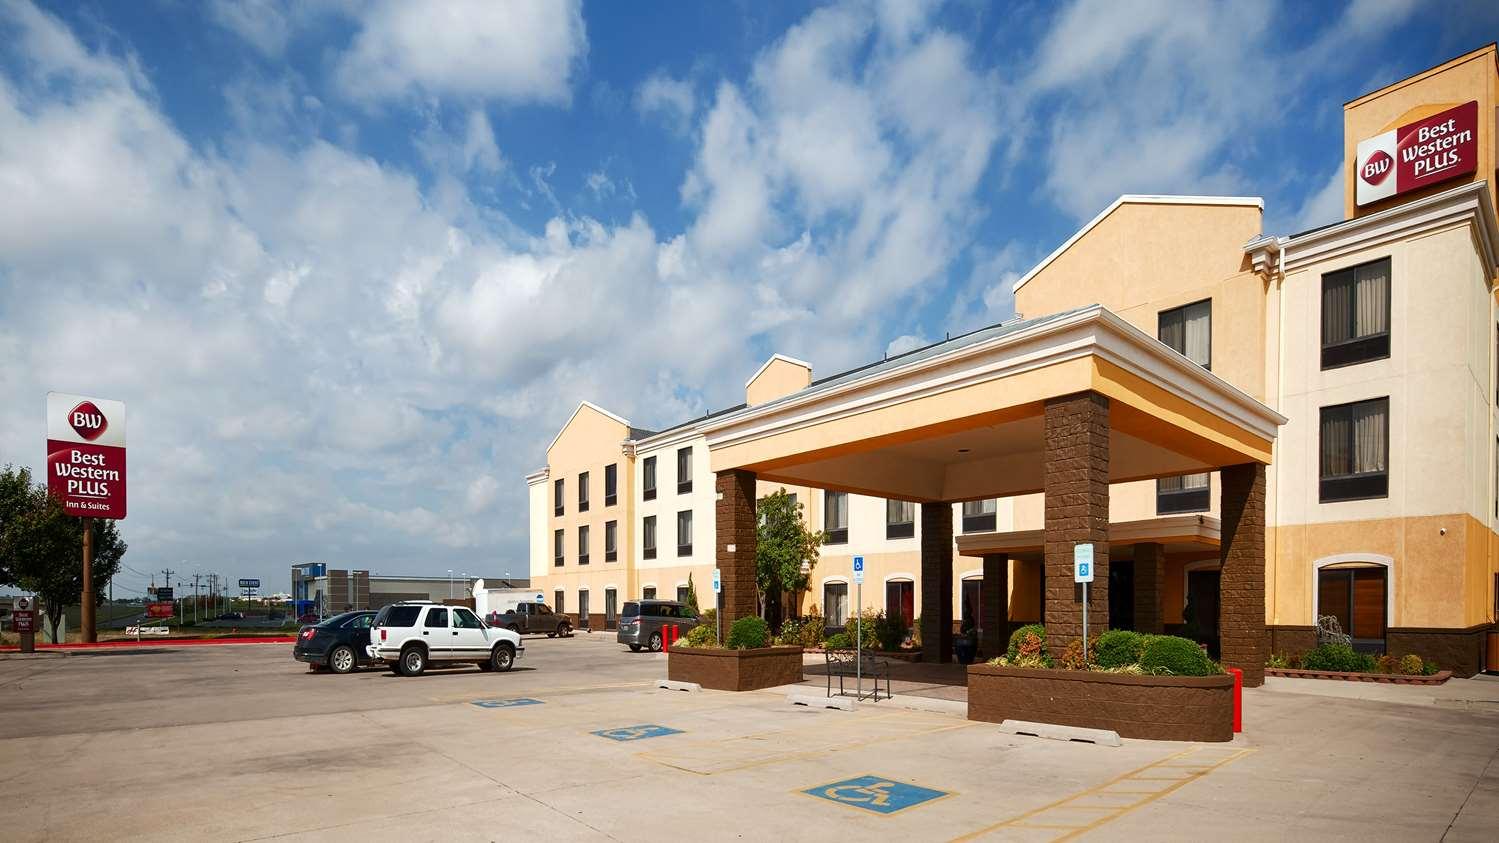 Best Western Plus Memorial Inn & Suites Oklahoma City, OK